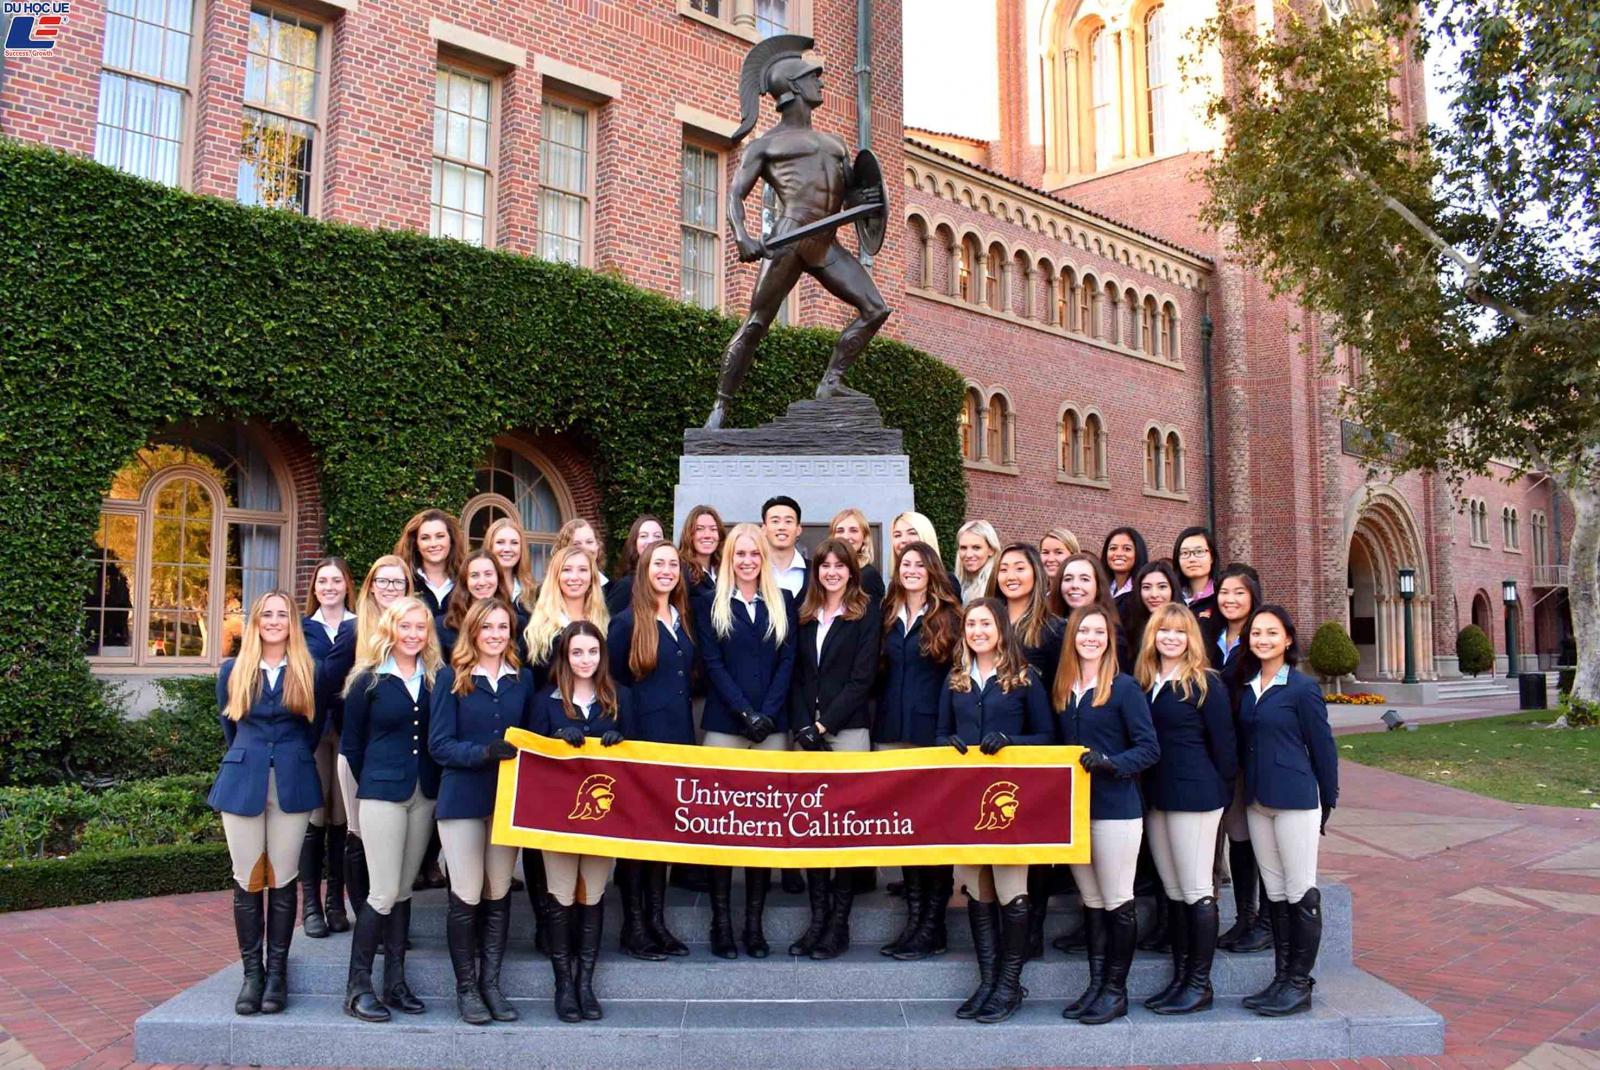 Săn học bổng Mỹ tại Đại học Nam California năm 2019 2